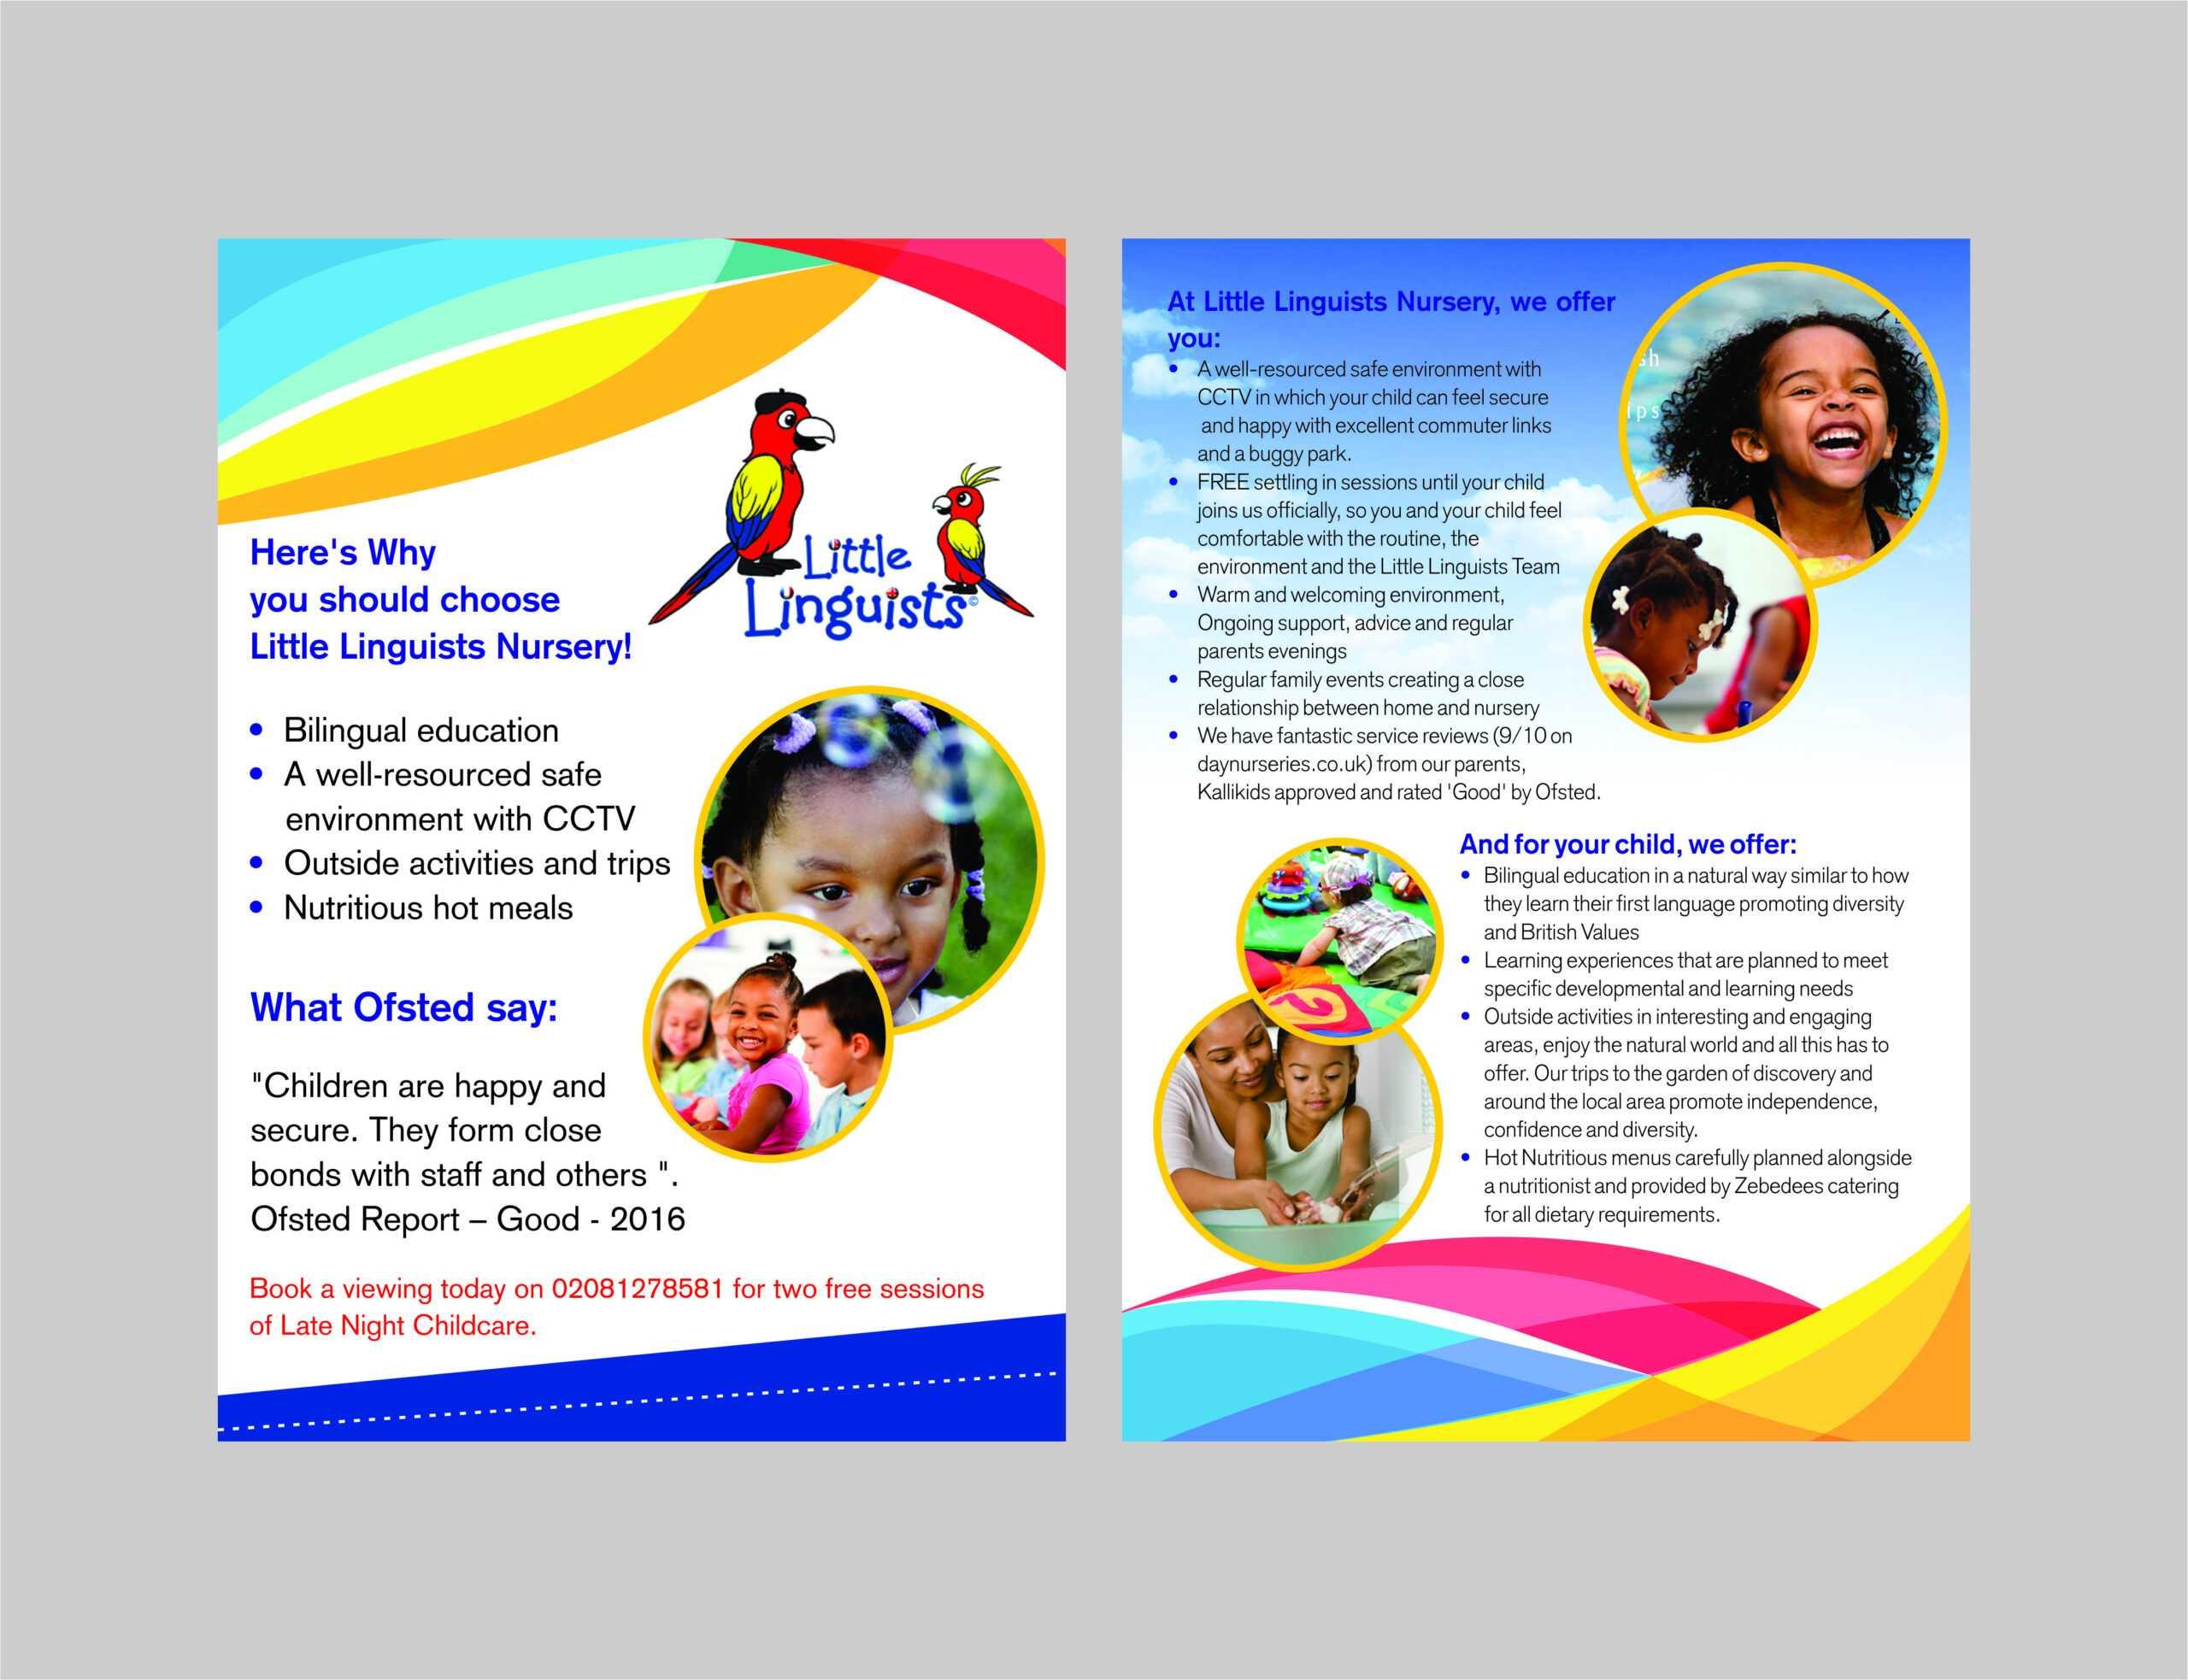 Nursery School Brochure - Tunu.redmini.co With Regard To Play School Brochure Templates